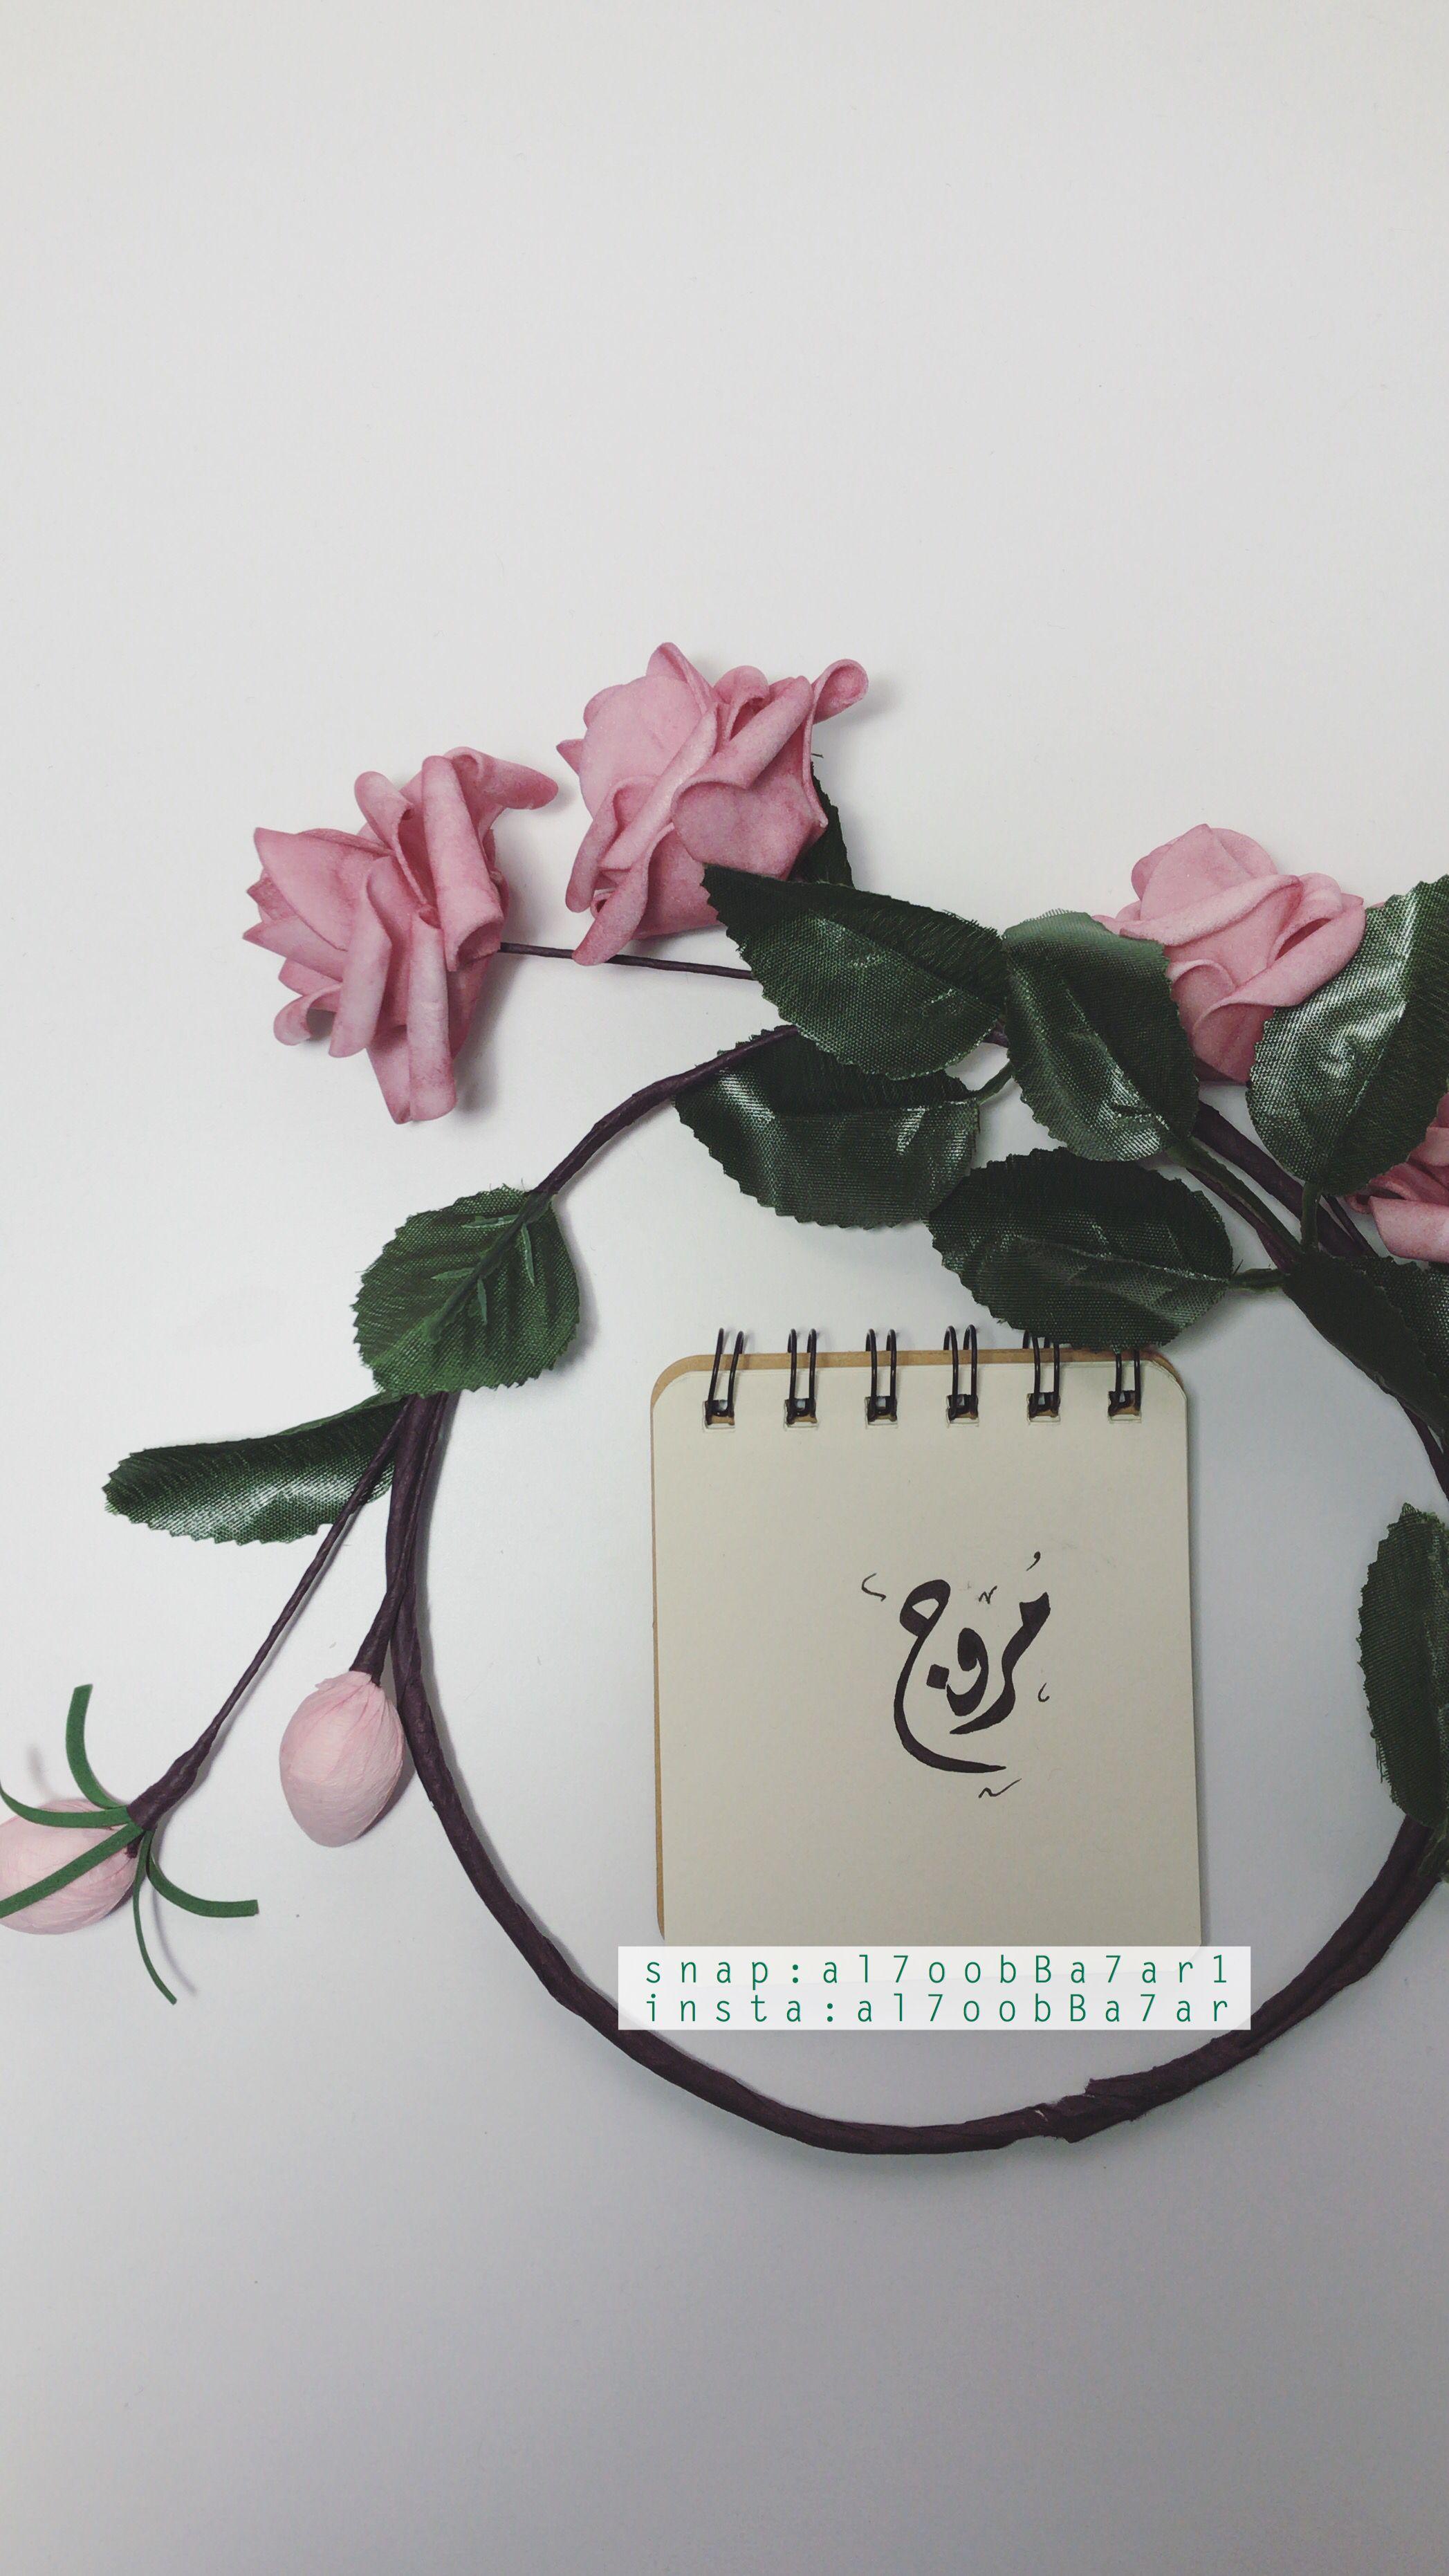 Pin By Sdgr On افكار Iphone Wallpaper Wallpaper Hoop Wreath